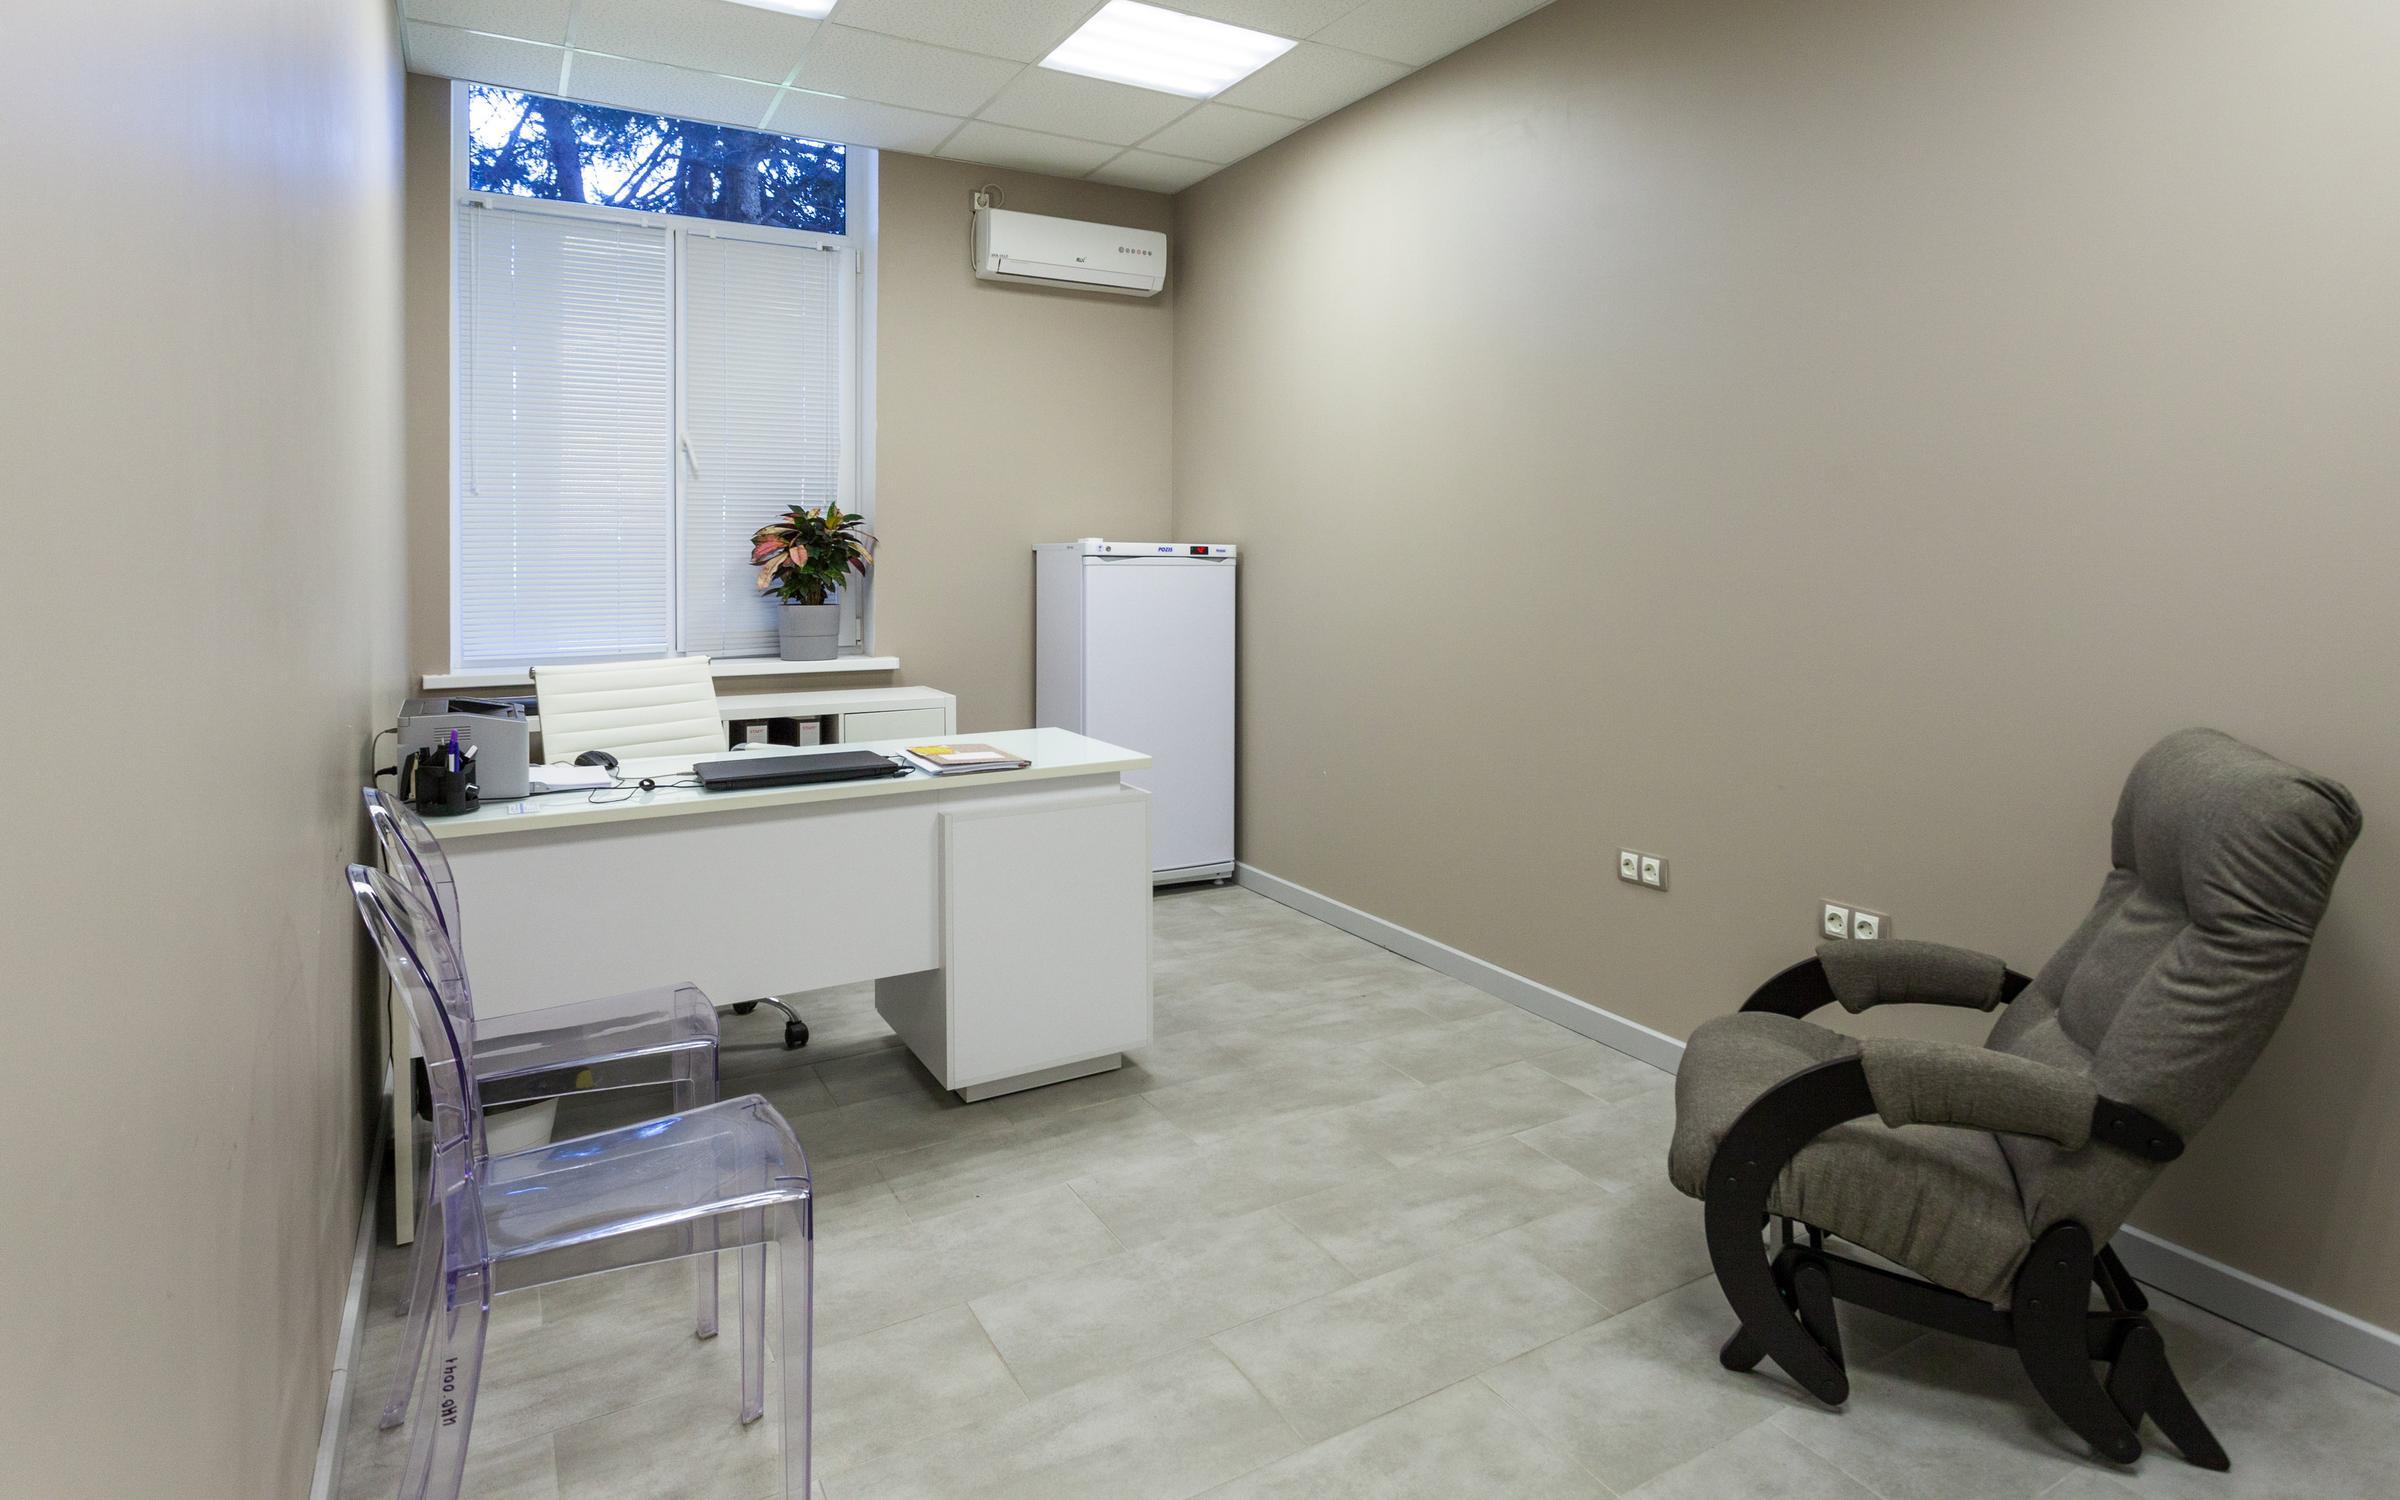 наркологическая клиника в краснодаре вершина отзывы